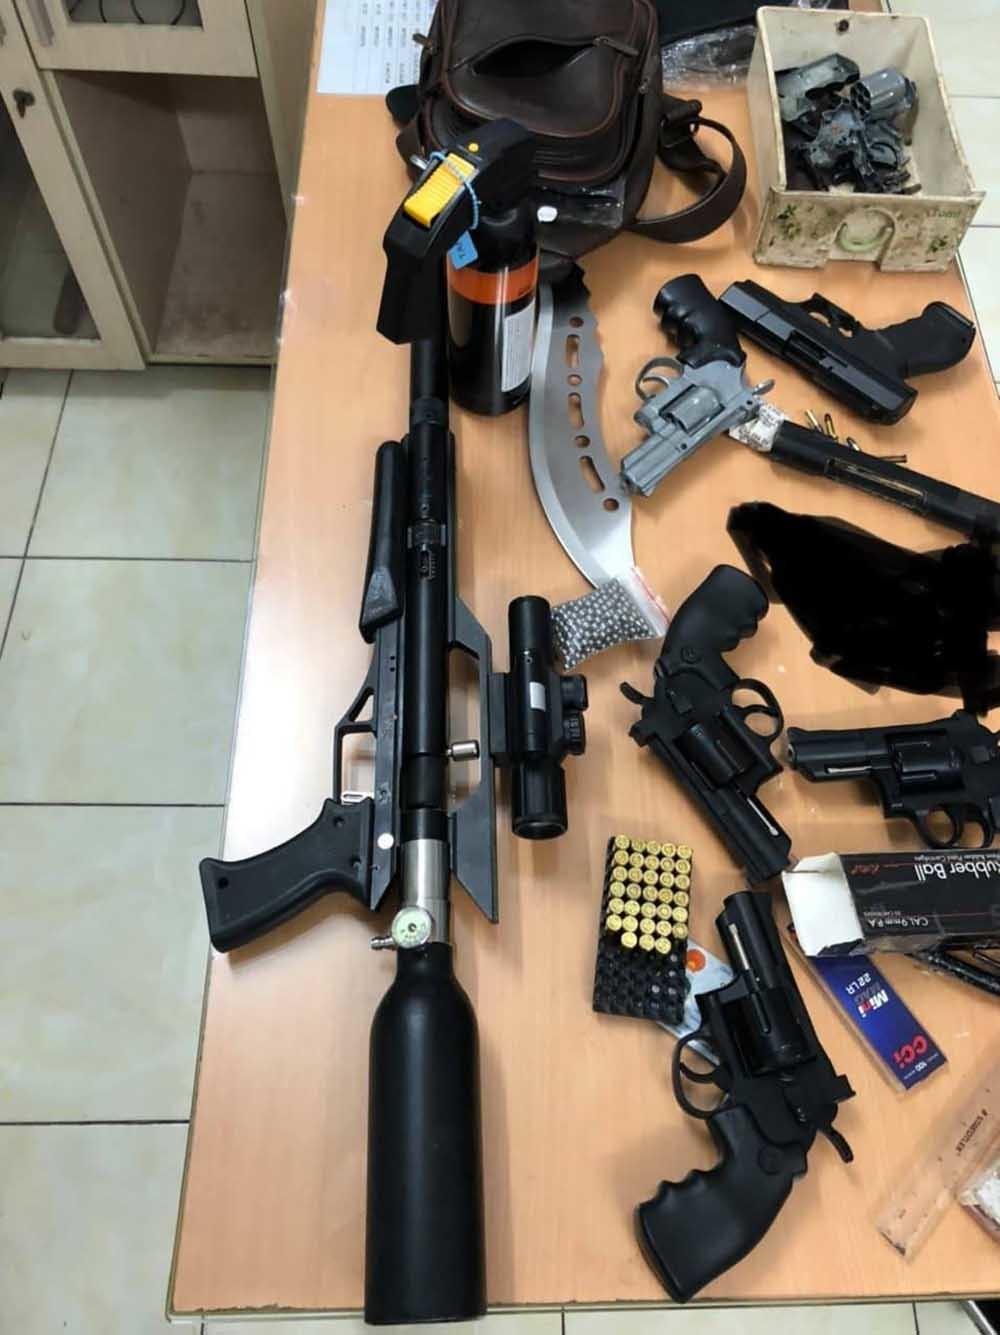 Cảnh sát hình sự bắt kẻ tàng trữ, mua bán súng đạn